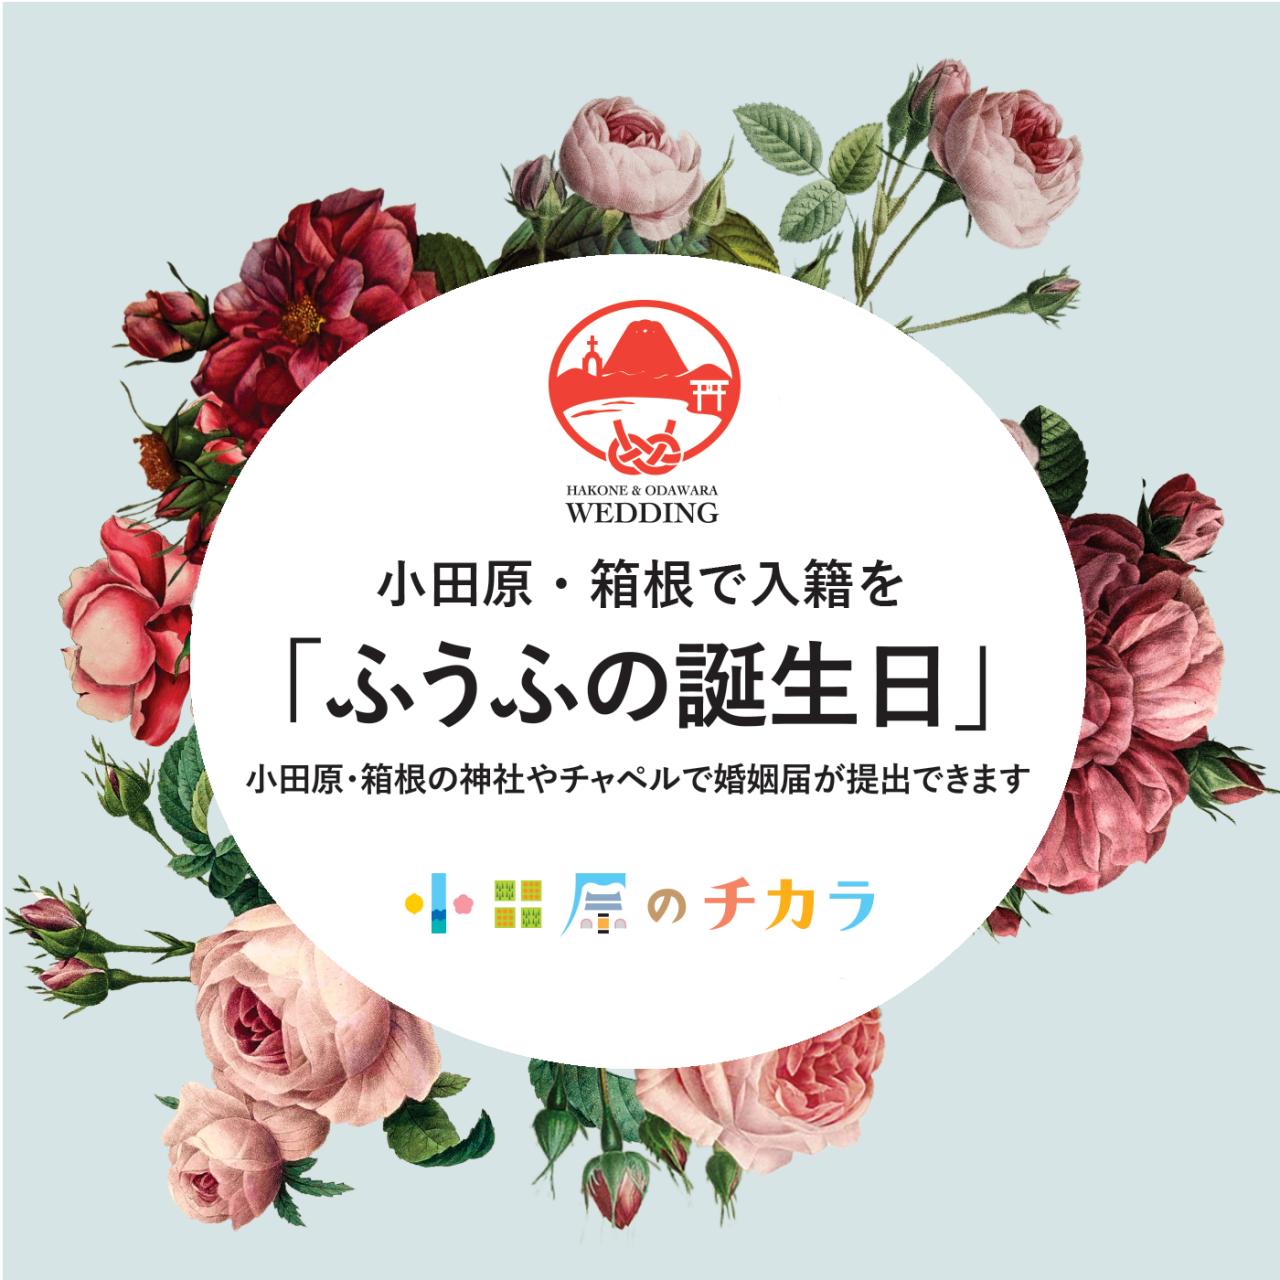 〜入籍日をもっとスペシャルな1日に〜「ふうふの誕生日」記念イベント